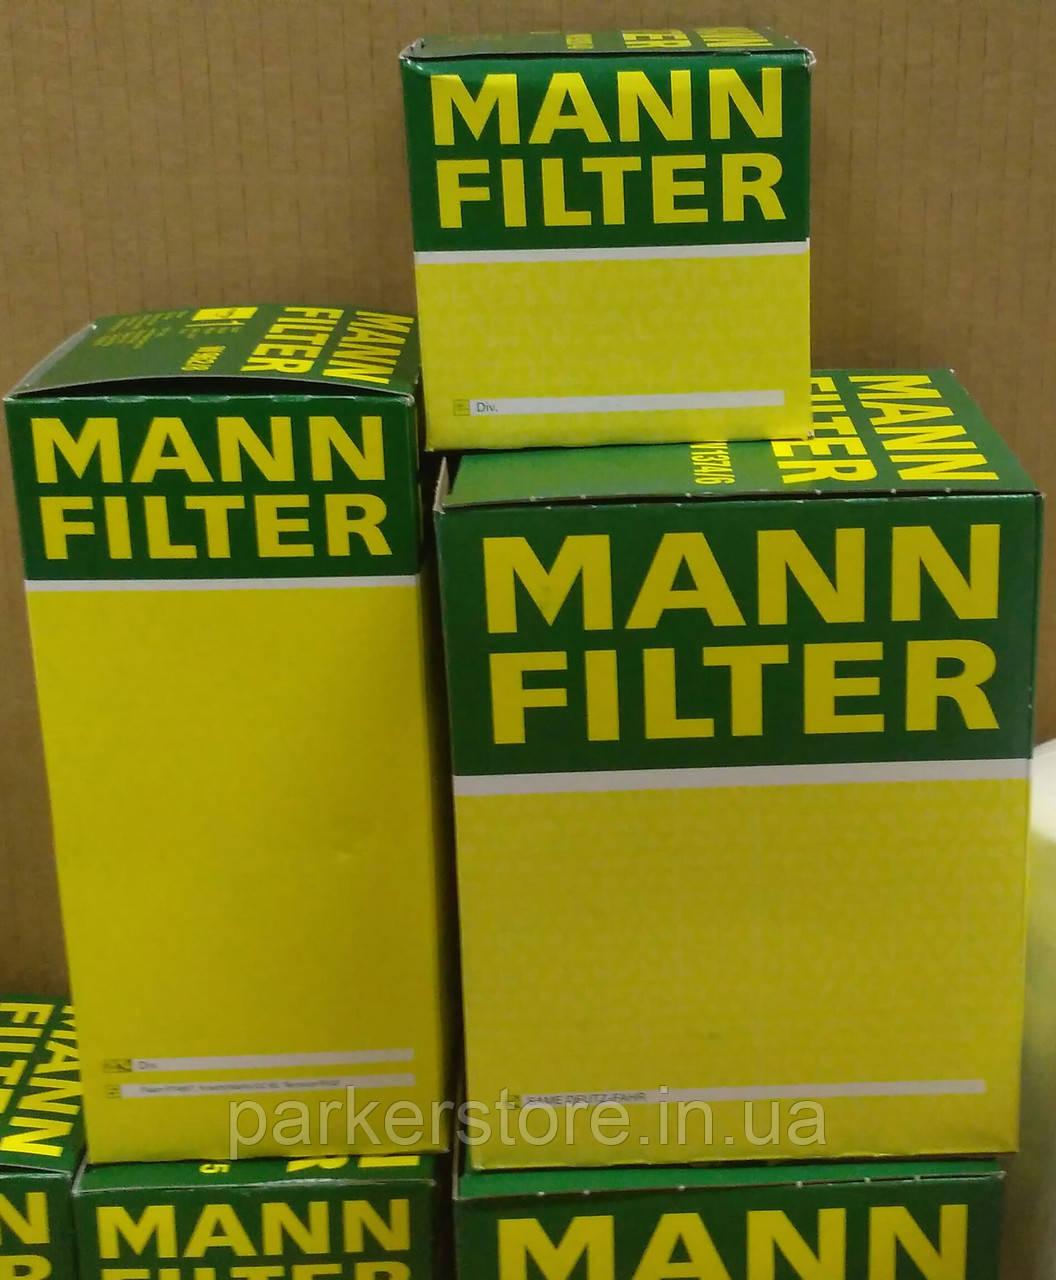 MANN FILTER / Повітряний фільтр / C 25 114/1 / C25114/1